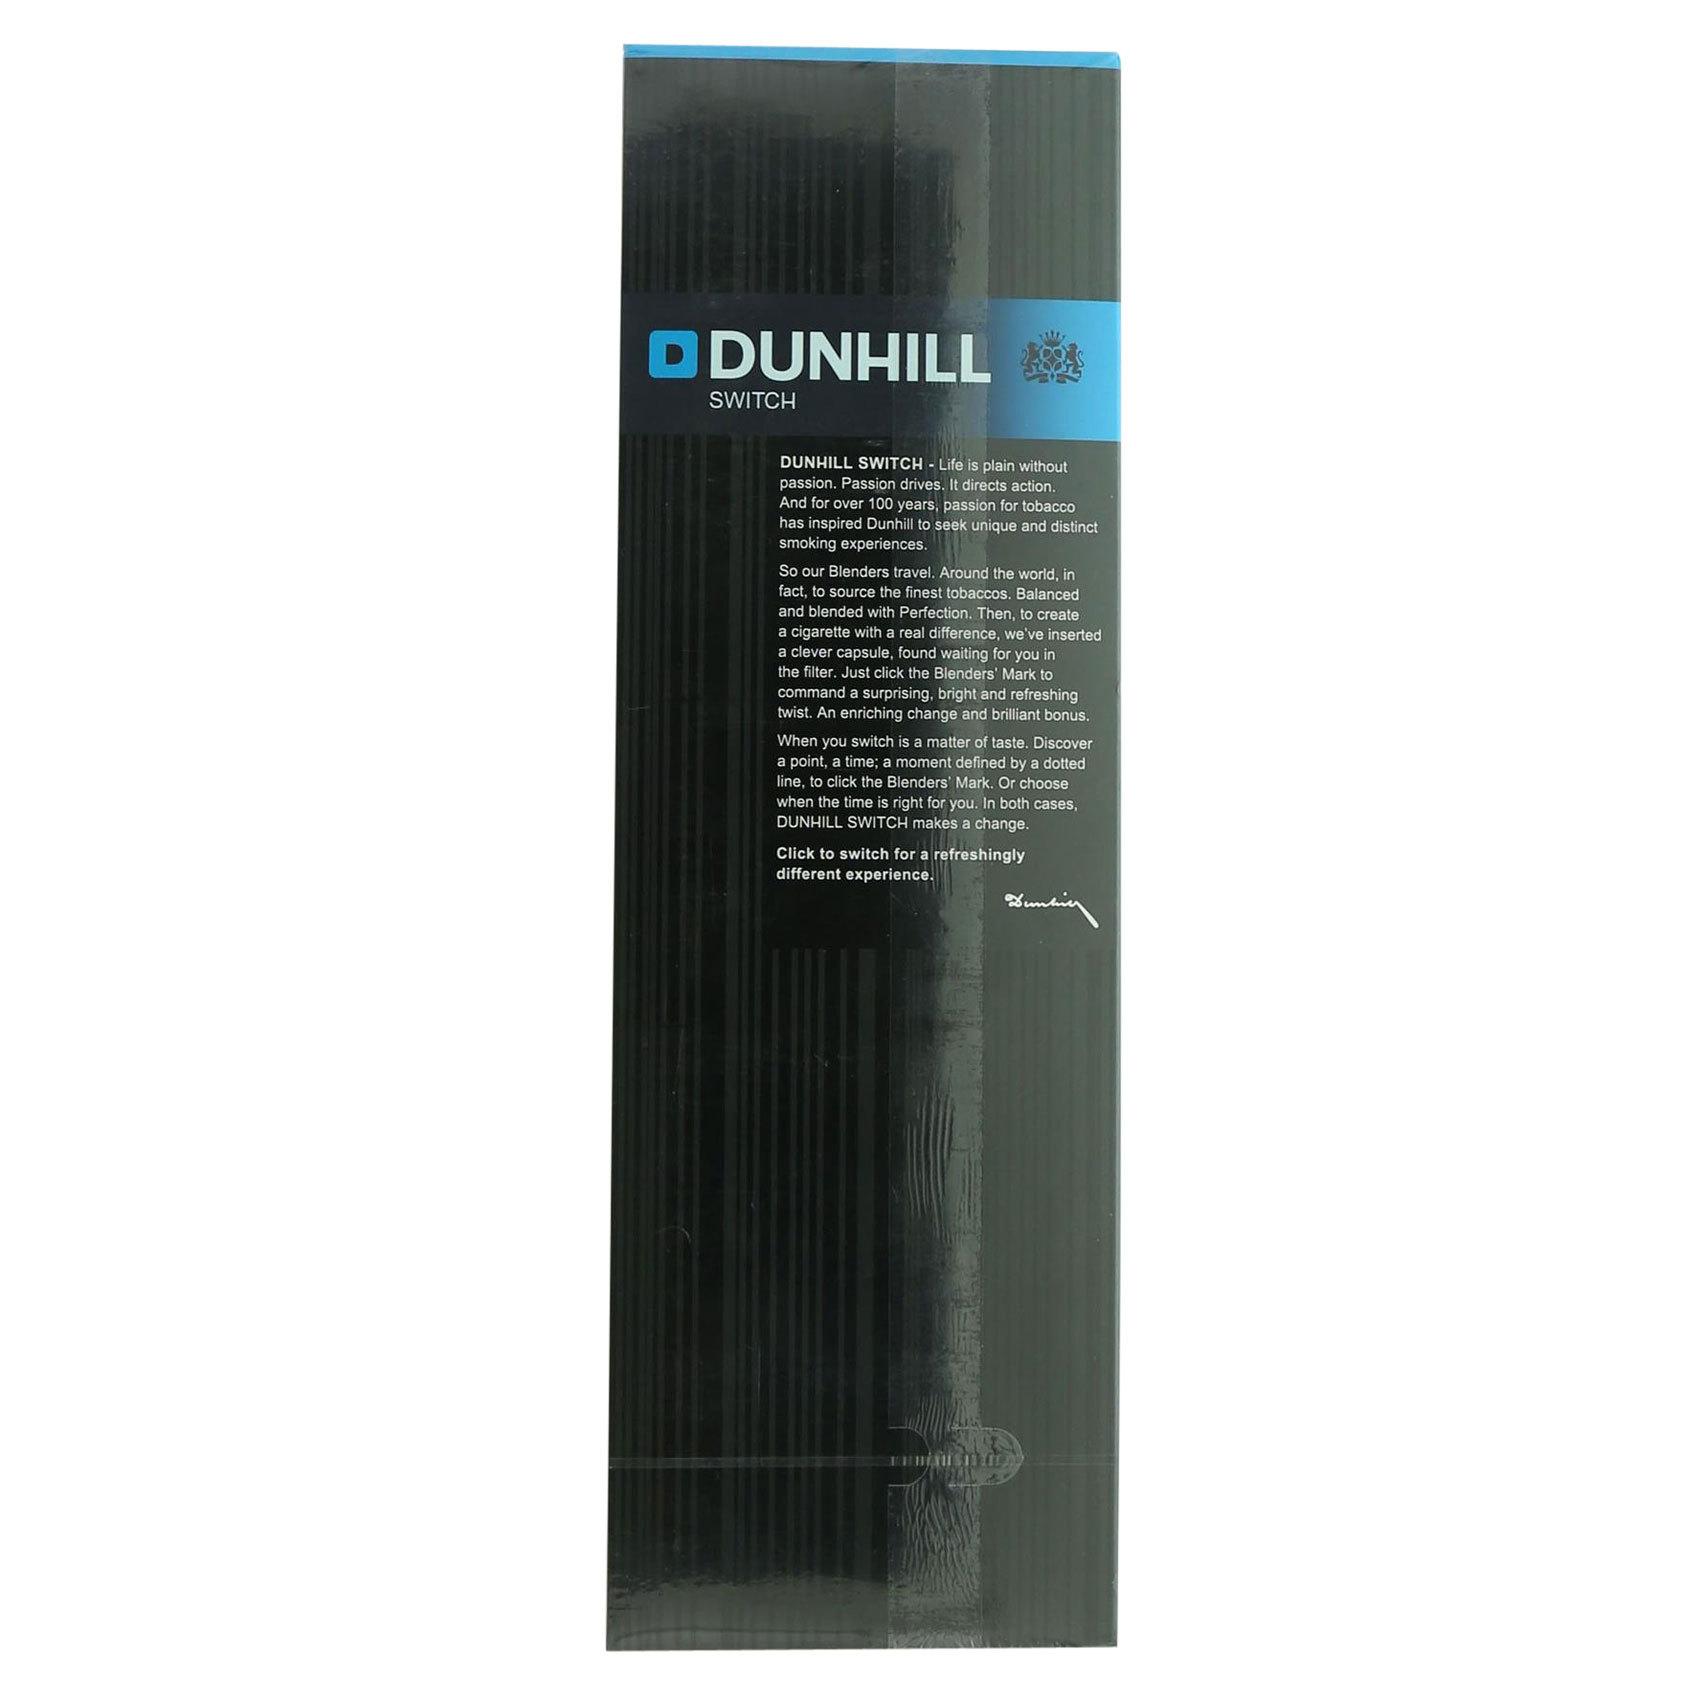 DUNHILL SPEARMINT BLACK 20'SX10